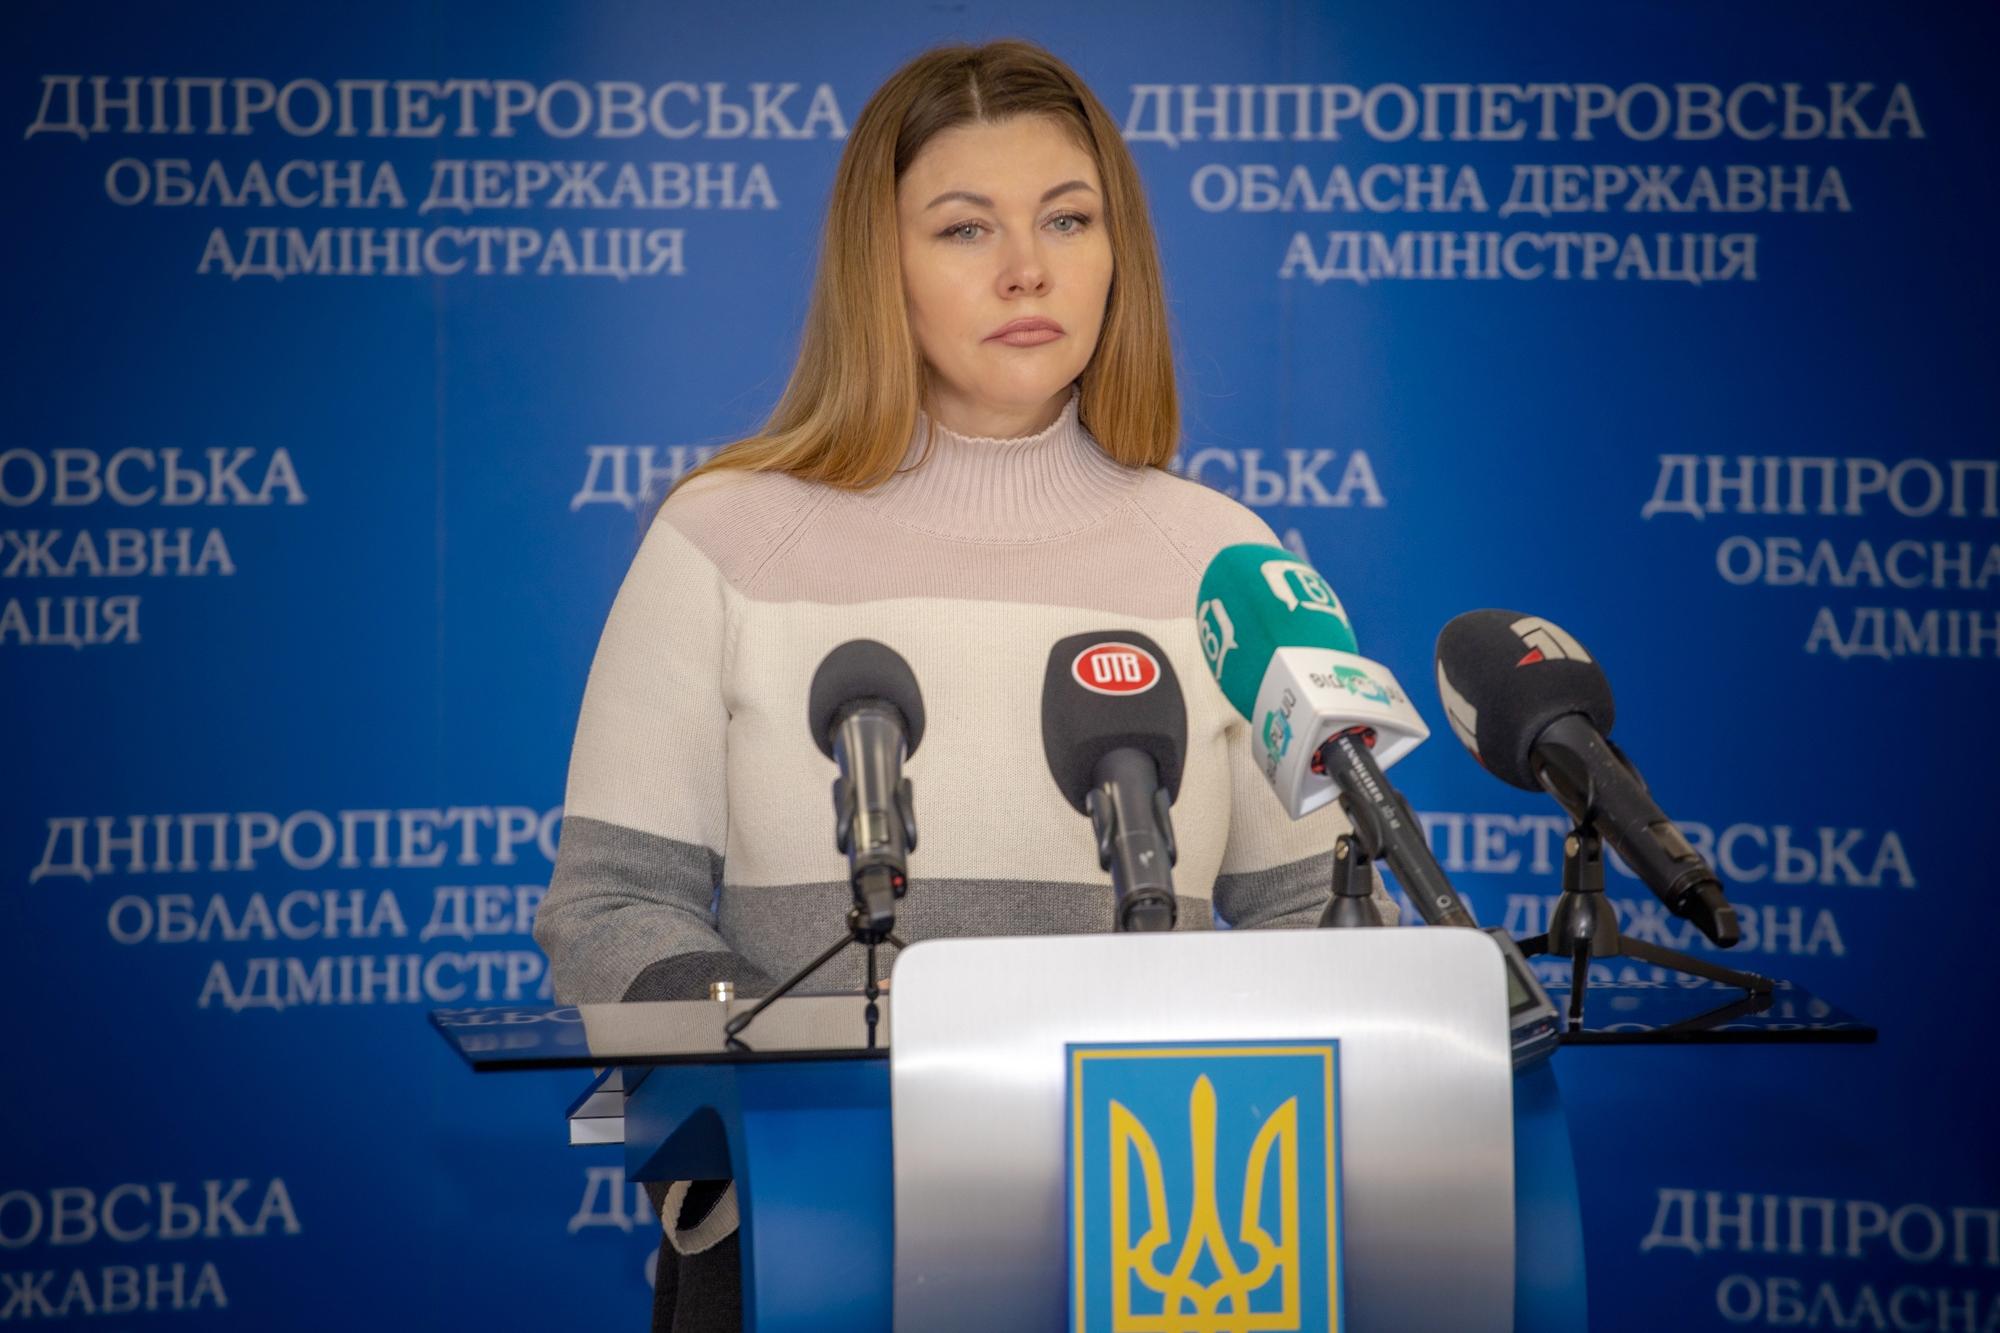 Мешканці Дніпропетровської області можуть безкоштовно отримати ліки від гепатиту В та С   Прихист